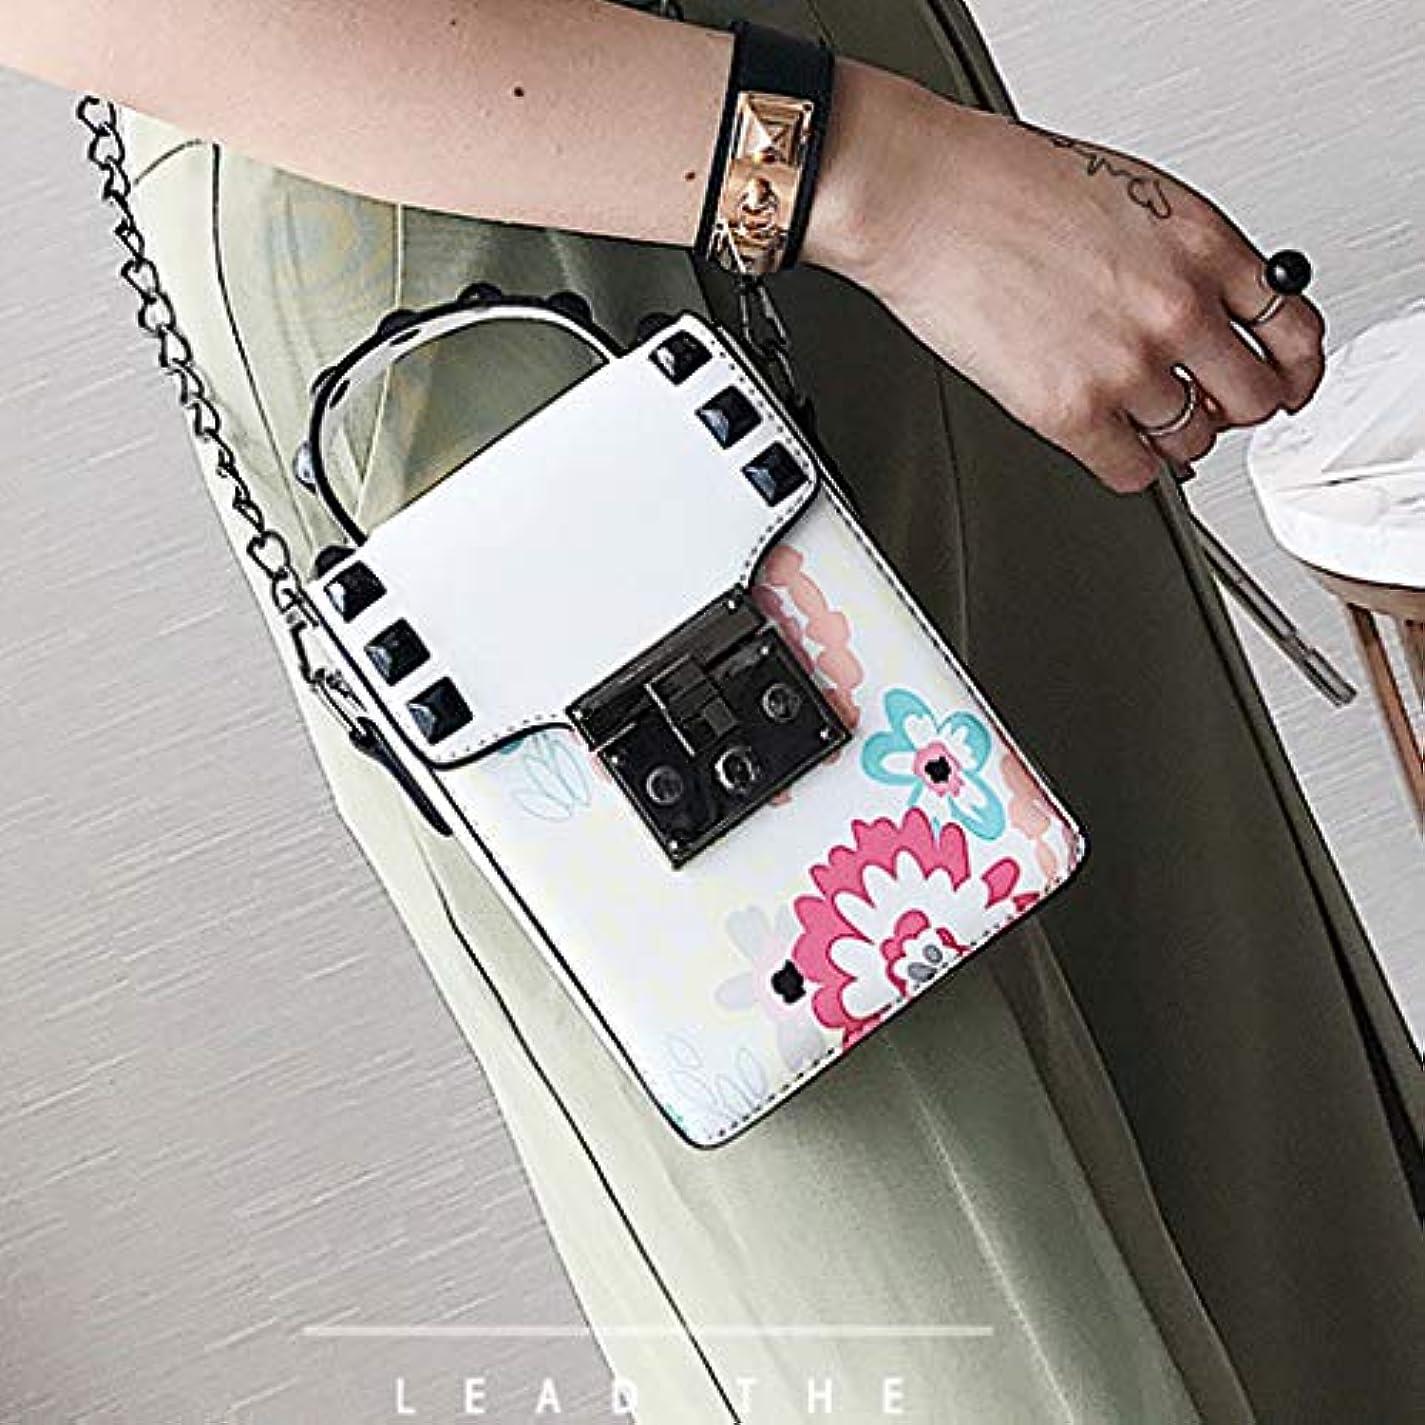 最小化するコットン制裁女性印刷リベットチェーンショルダーバッグレディースキャンパススタイルクロスボディバッグ、ファッショントレンド新しいクロスボディバッグ、チェーンレディース小さなバッグ、プリントパターントレンド小さな財布 (白)